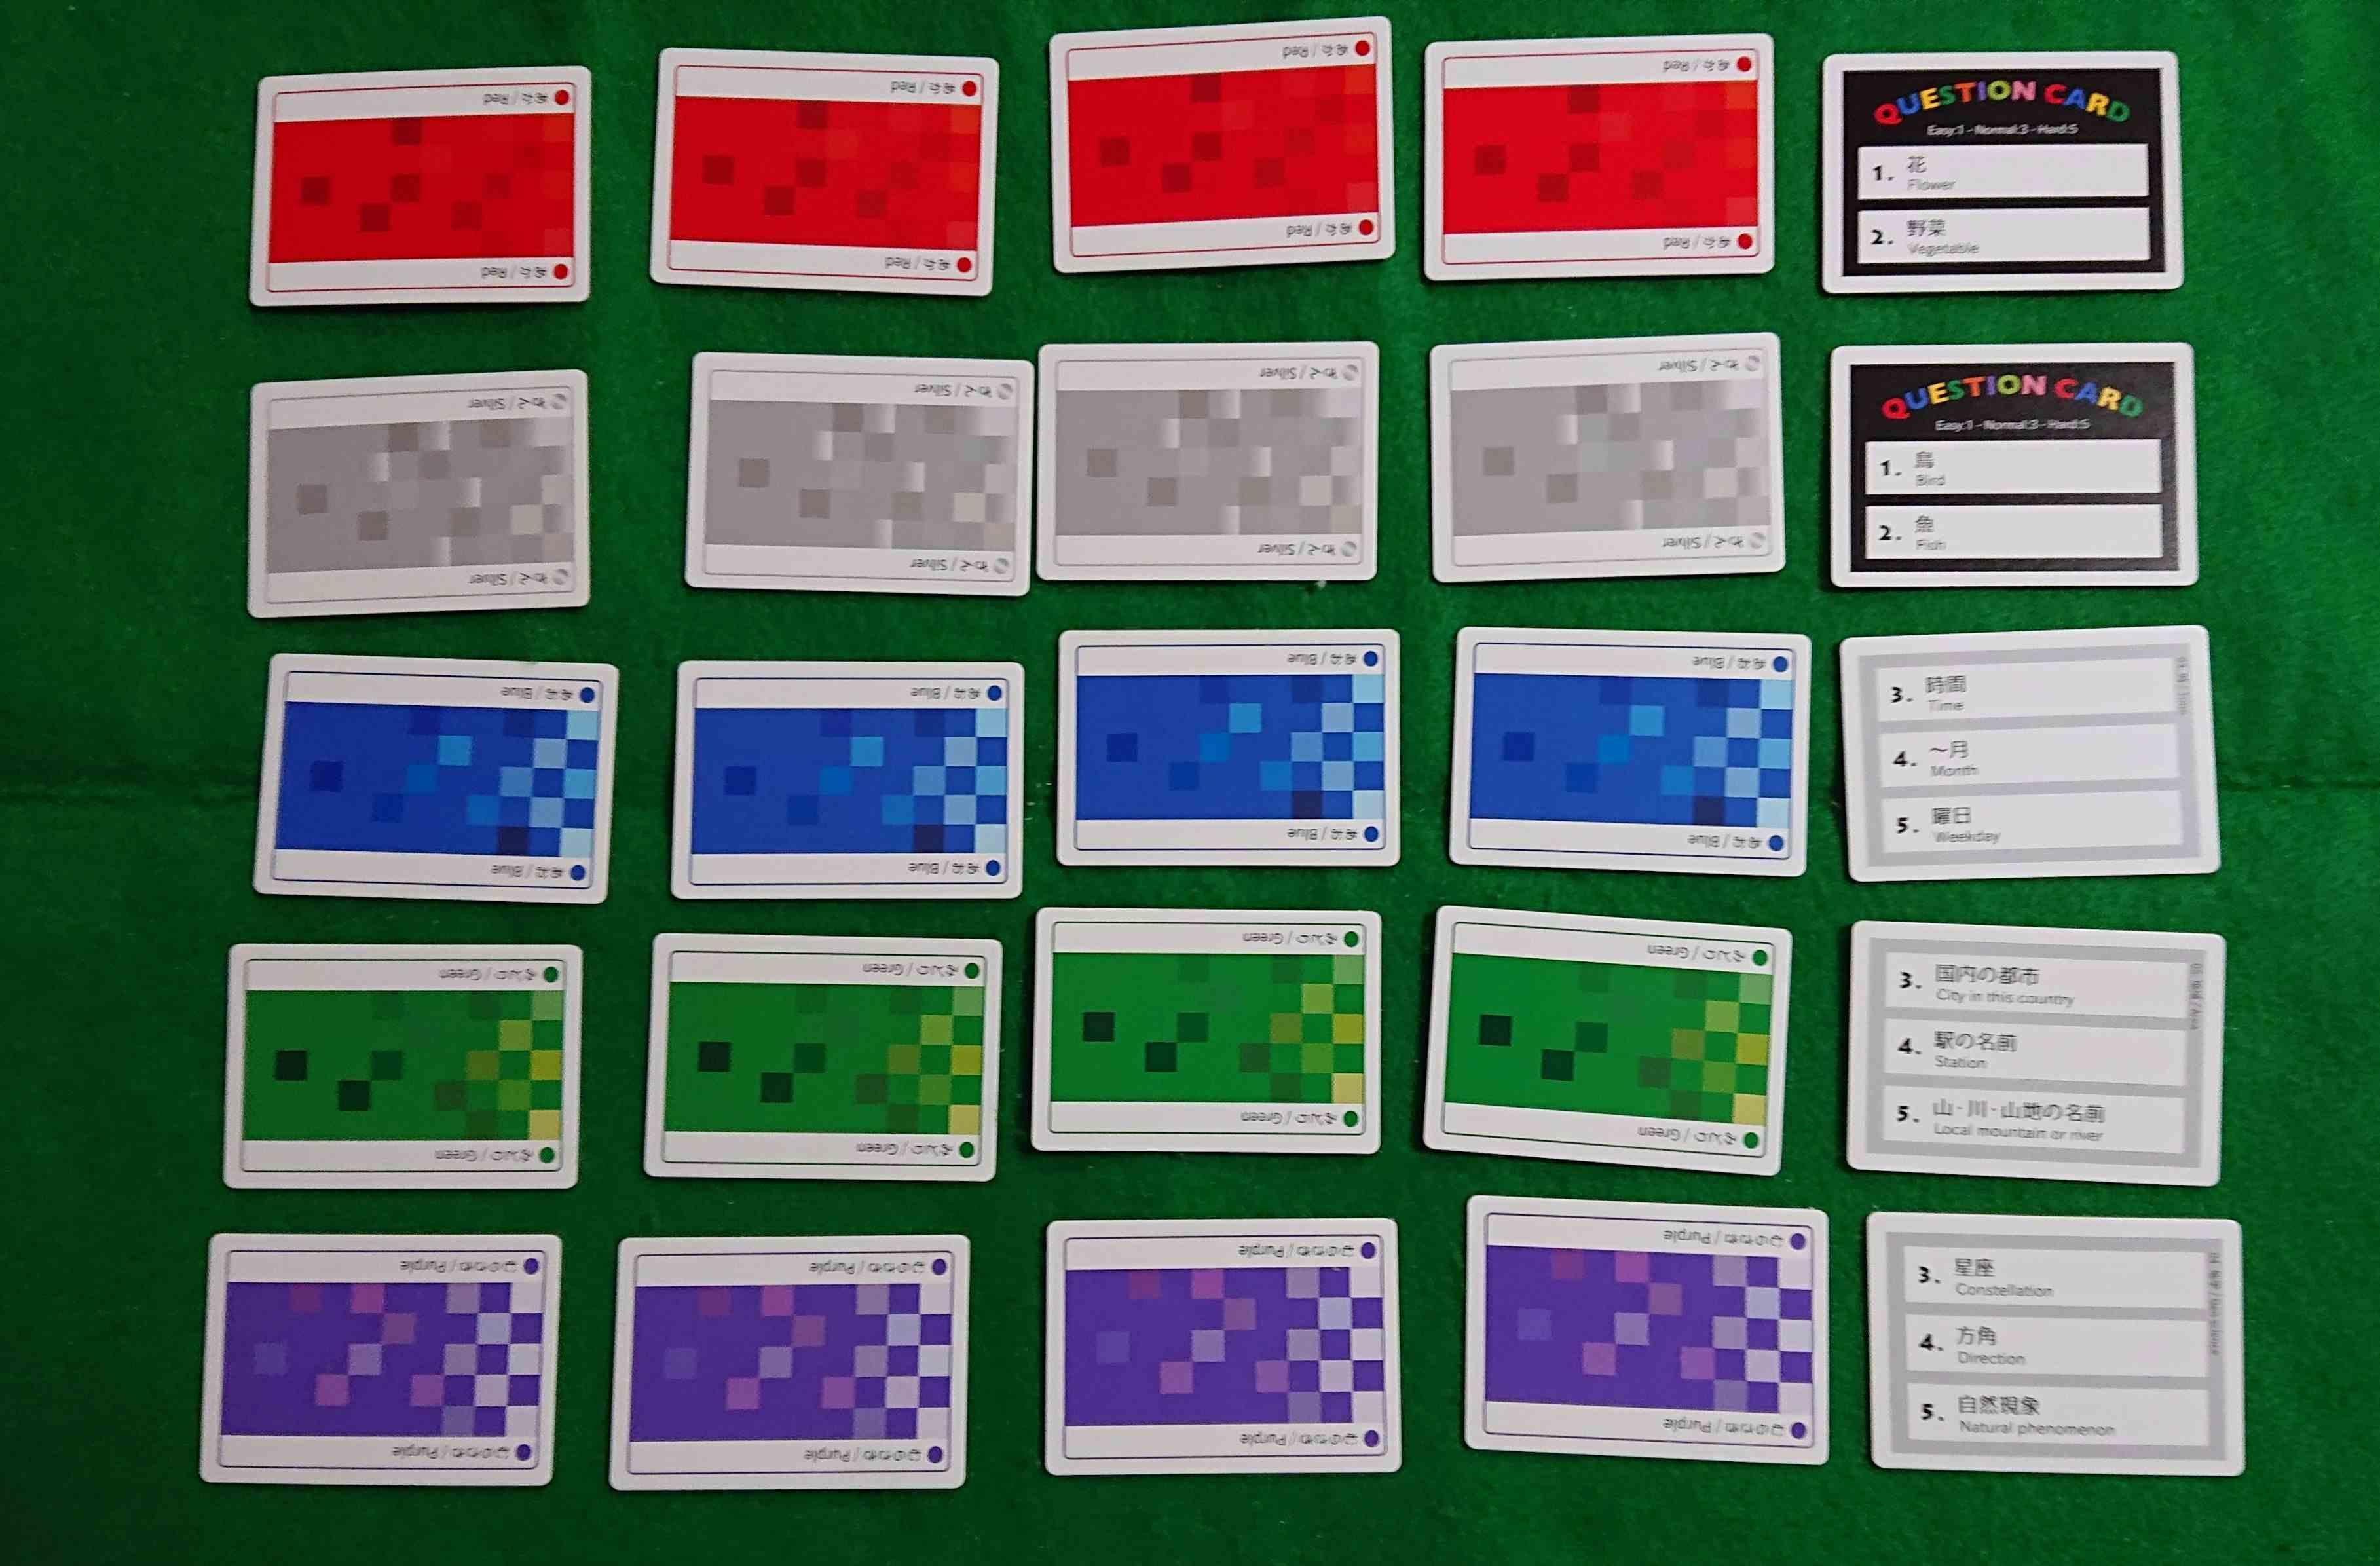 ヒトトイロ(ヒト+イロ) みんなで色を揃えましょう! 協力型カードゲーム ボードゲーム